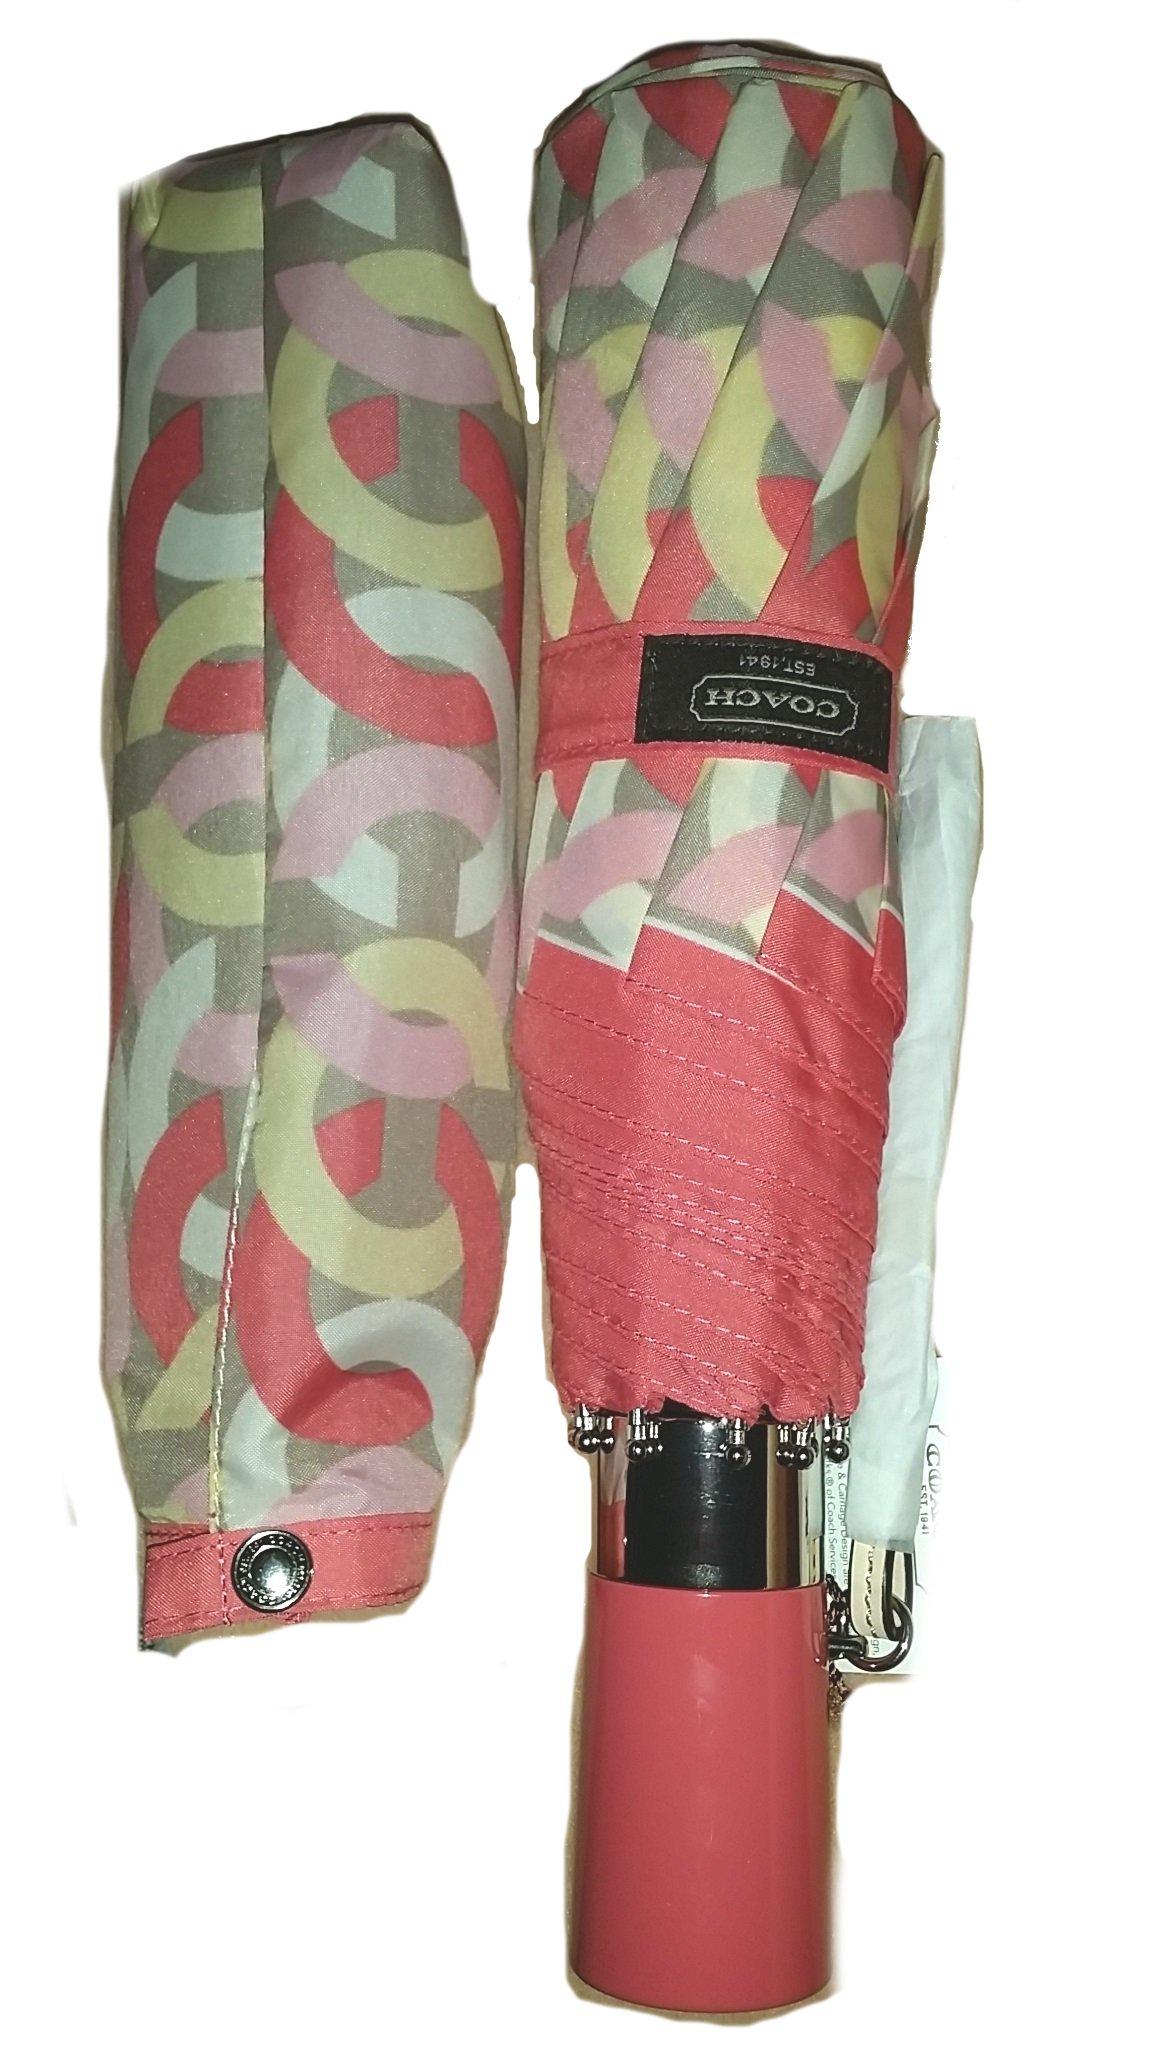 COACH Kristin Chain Link Umbrella - Silver/Multi - 64042